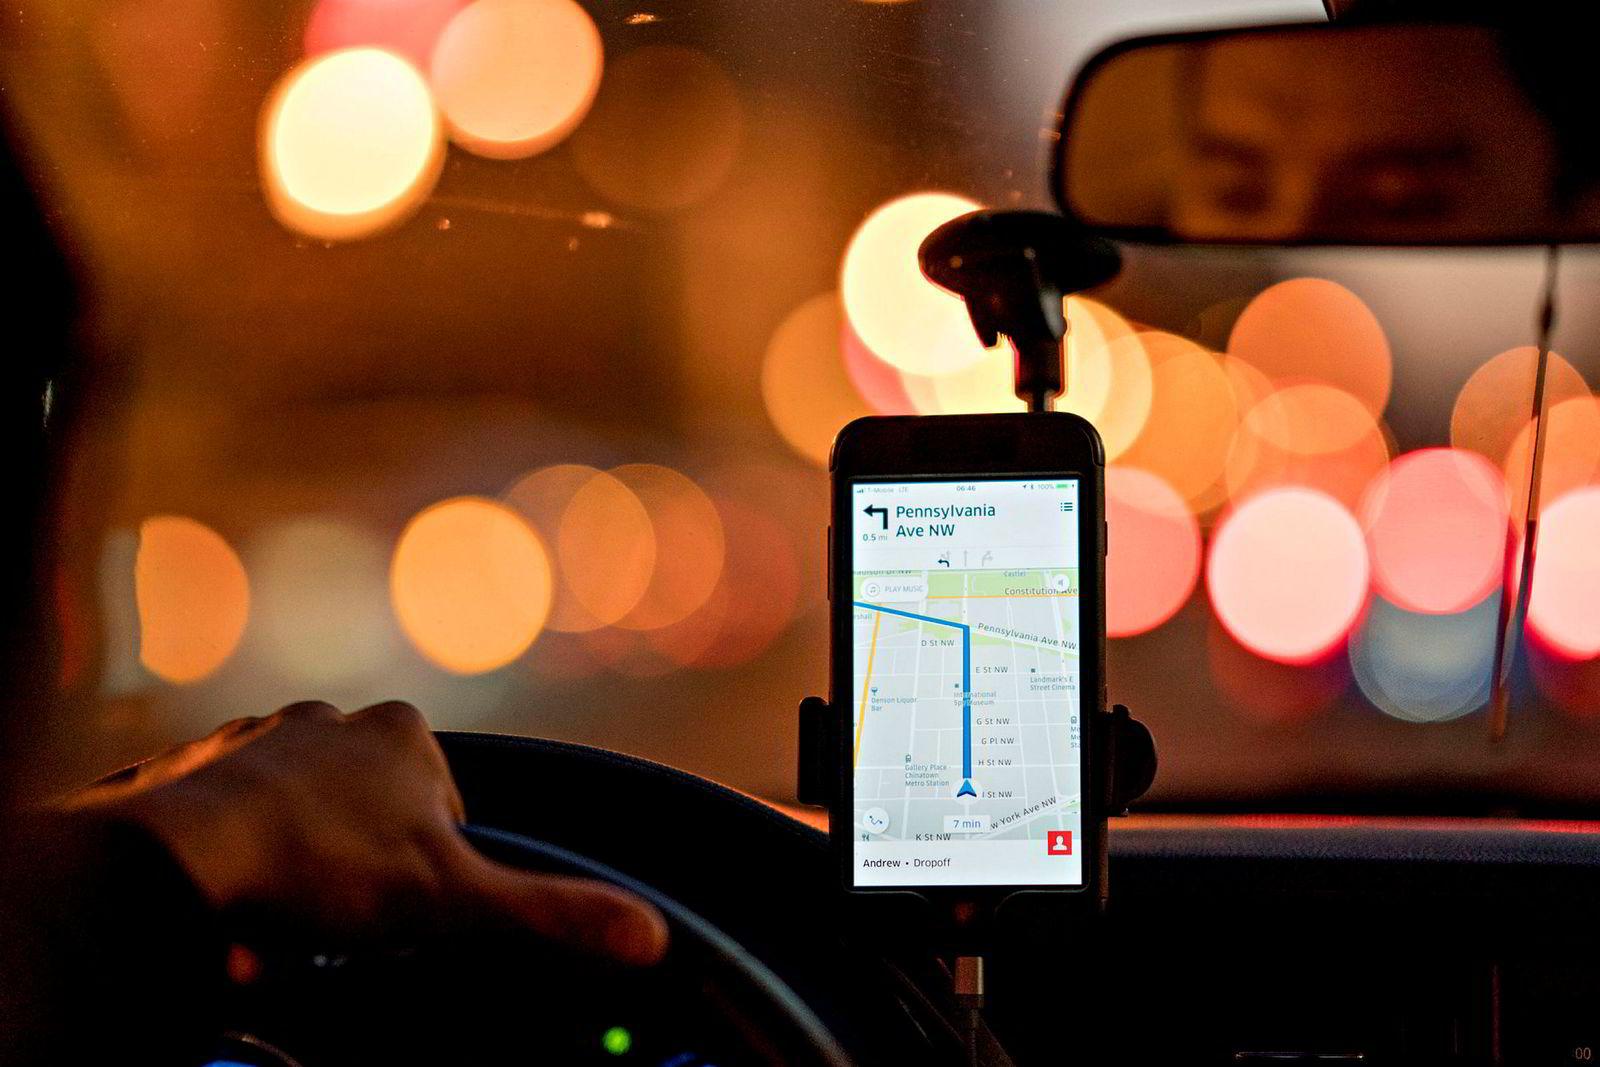 Amerikanske Uber har skapt trøbbel for den tradisjonelle taxinæringen verden over. I Norge stoppet selskapet sin Pop-tjeneste høsten 2017, etter store kontroverser.